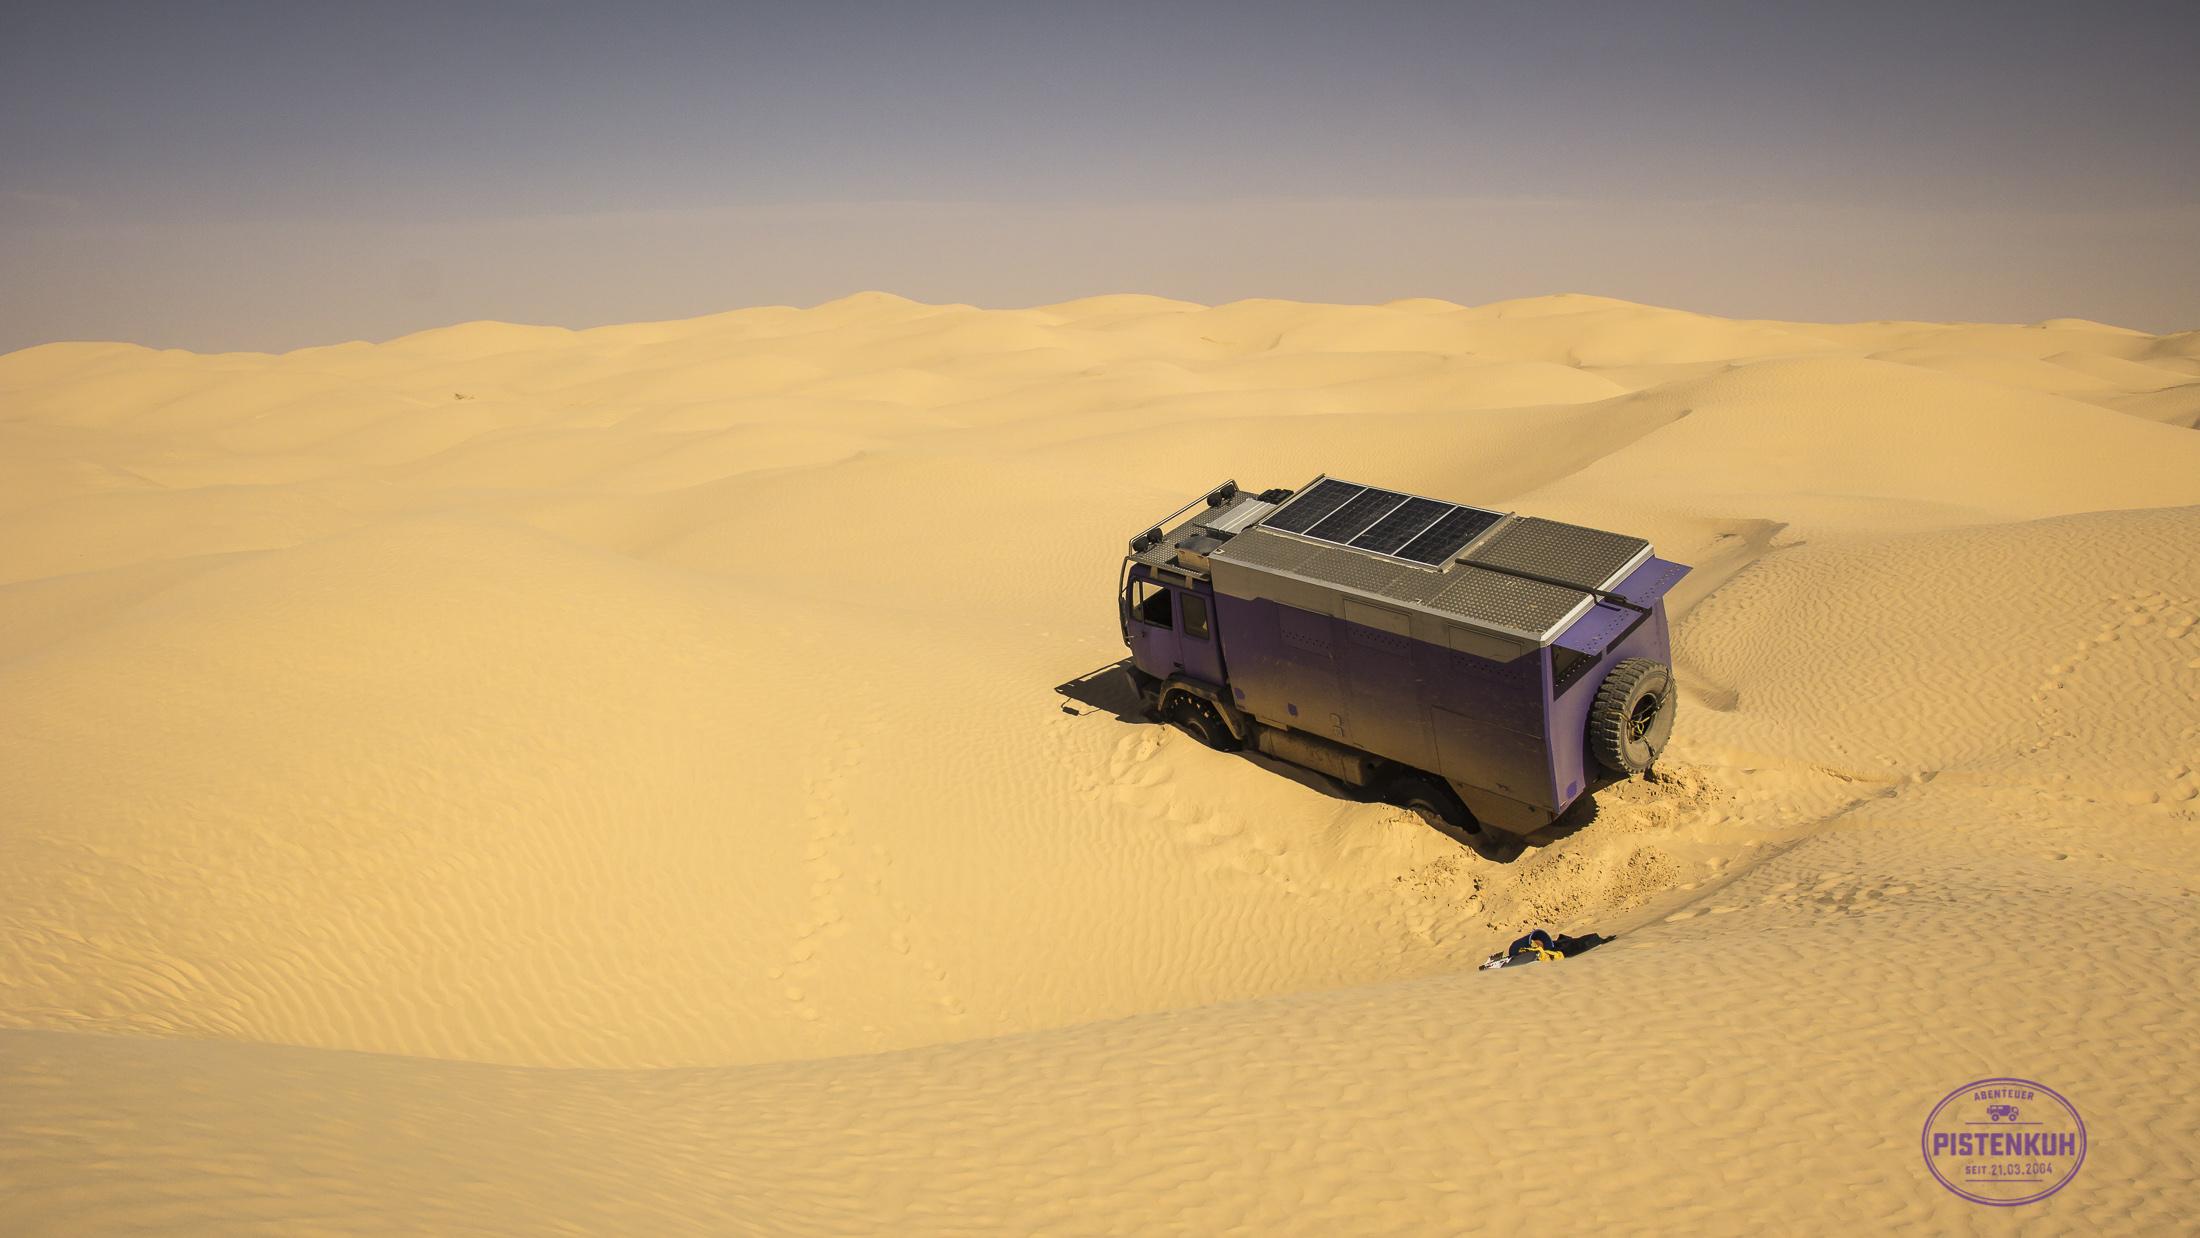 Pistenmobil steht schräg im Sand